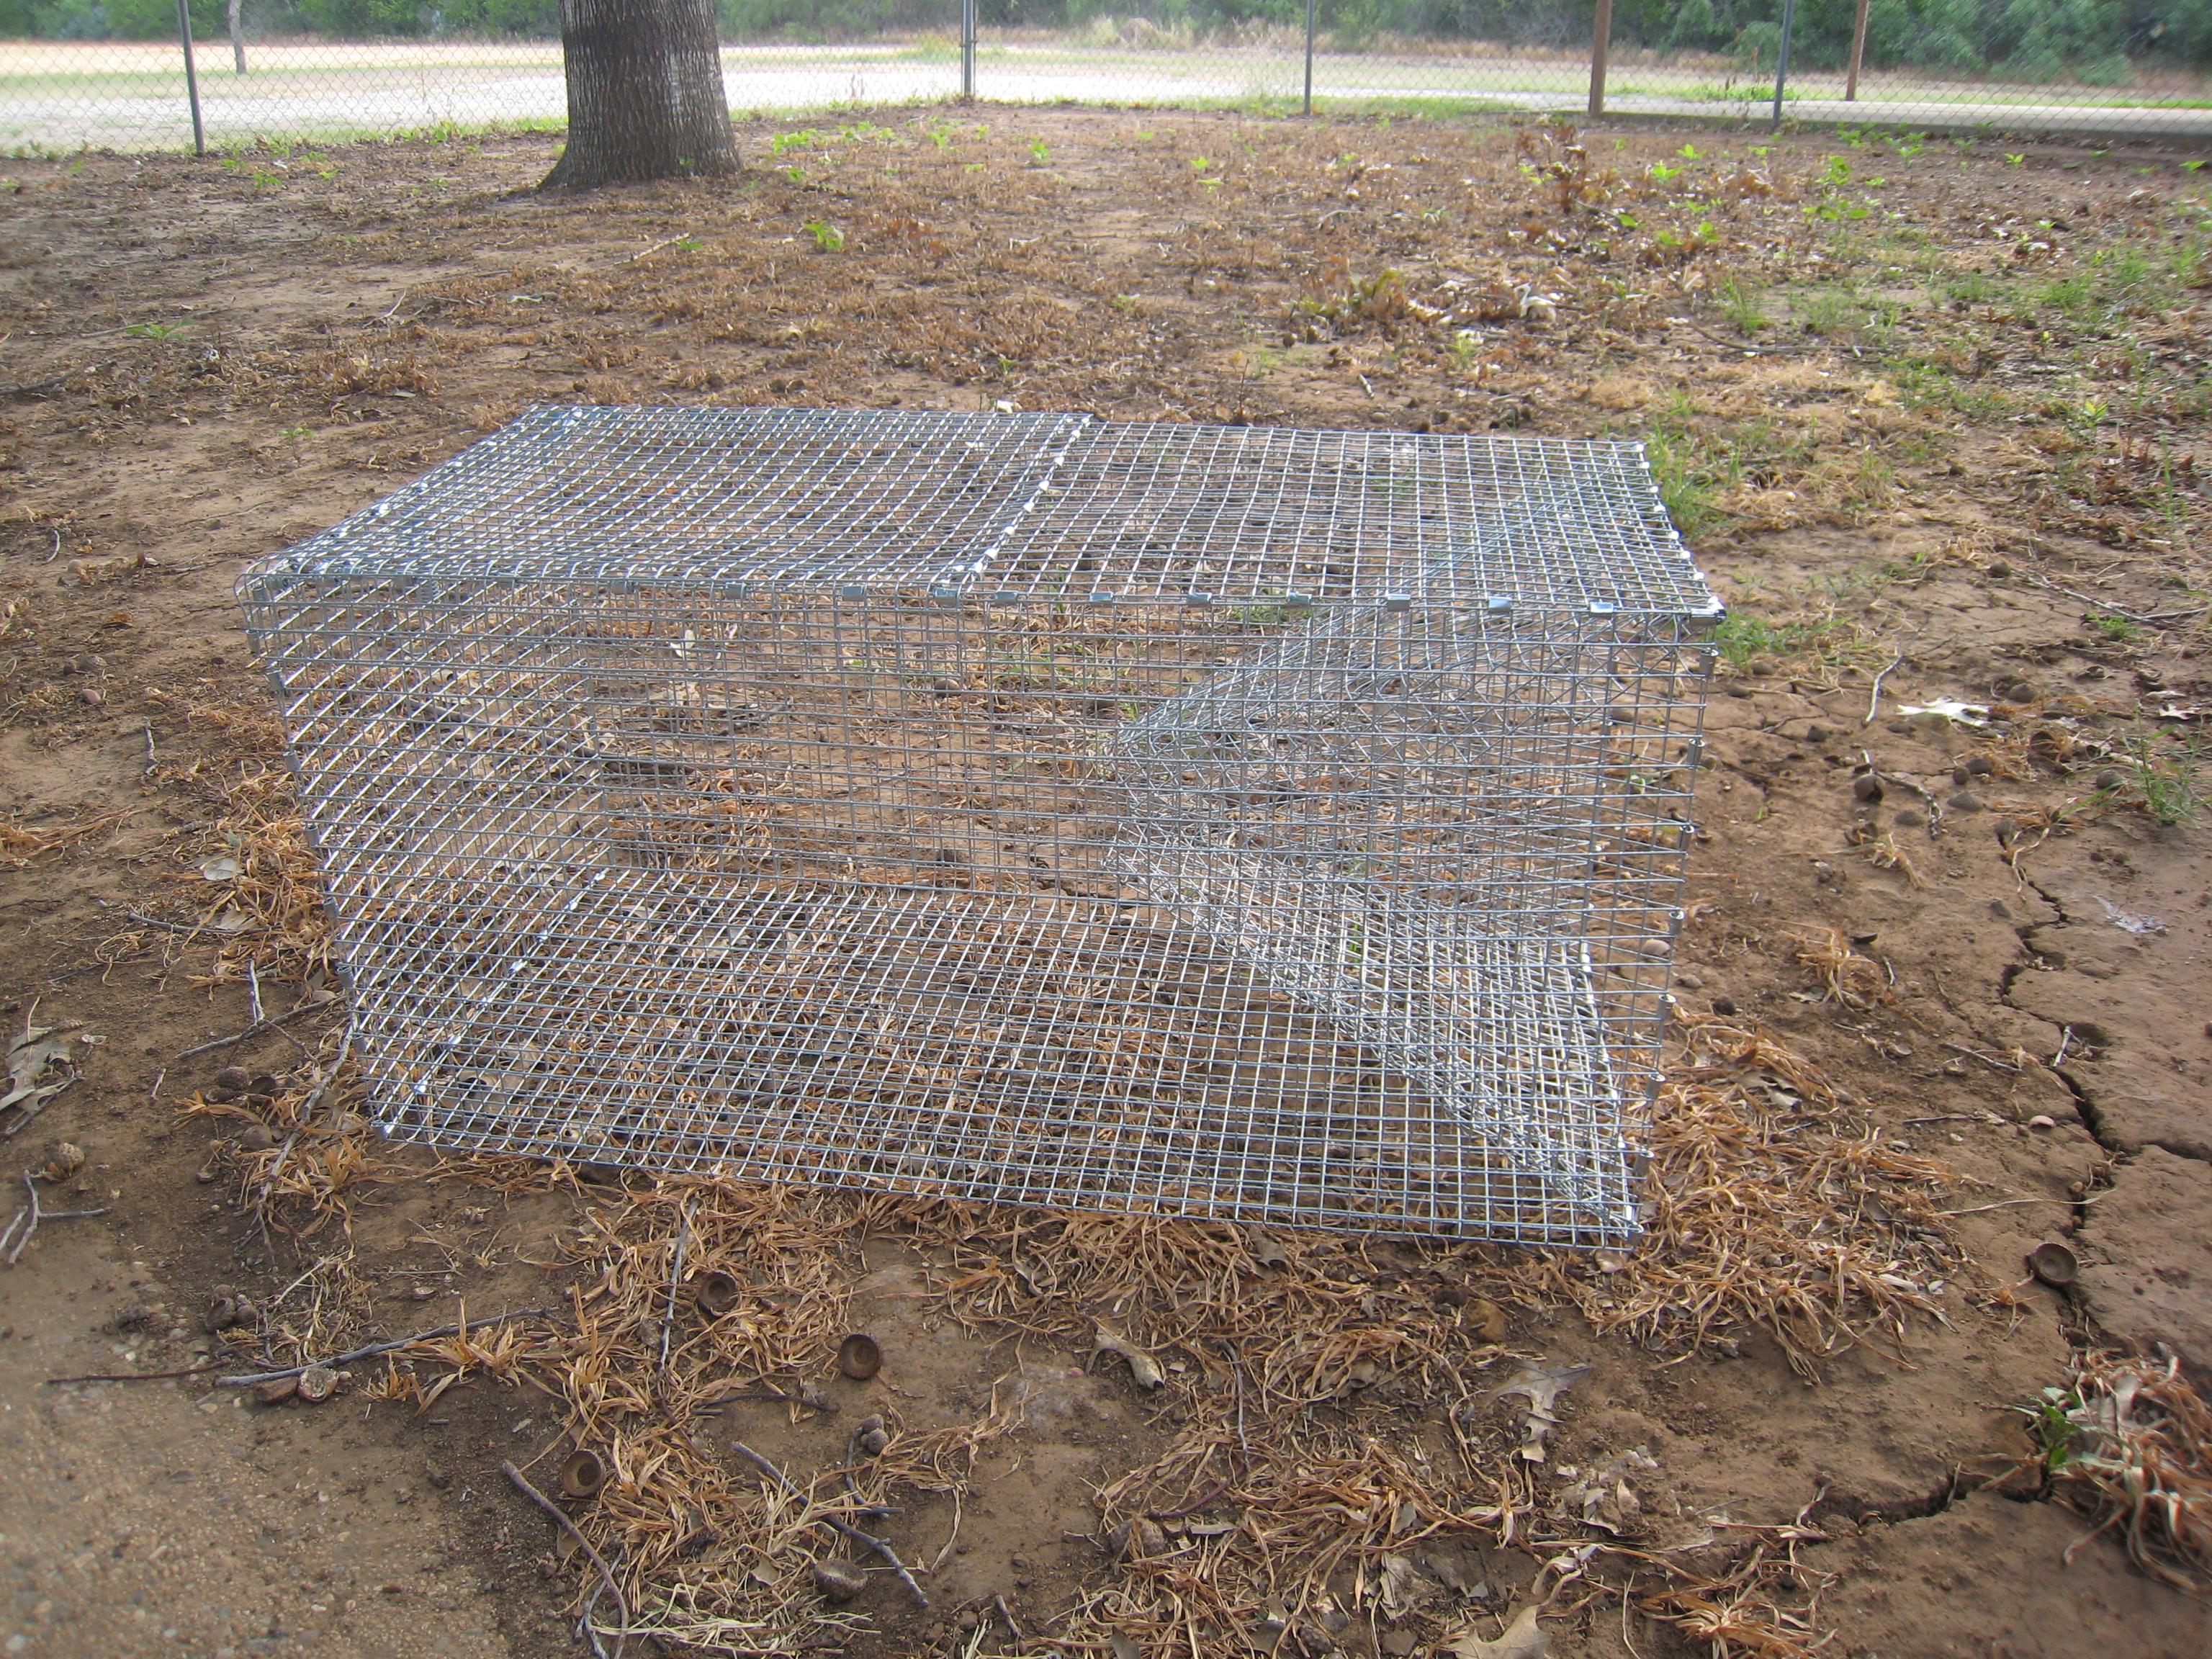 Snake trap photos